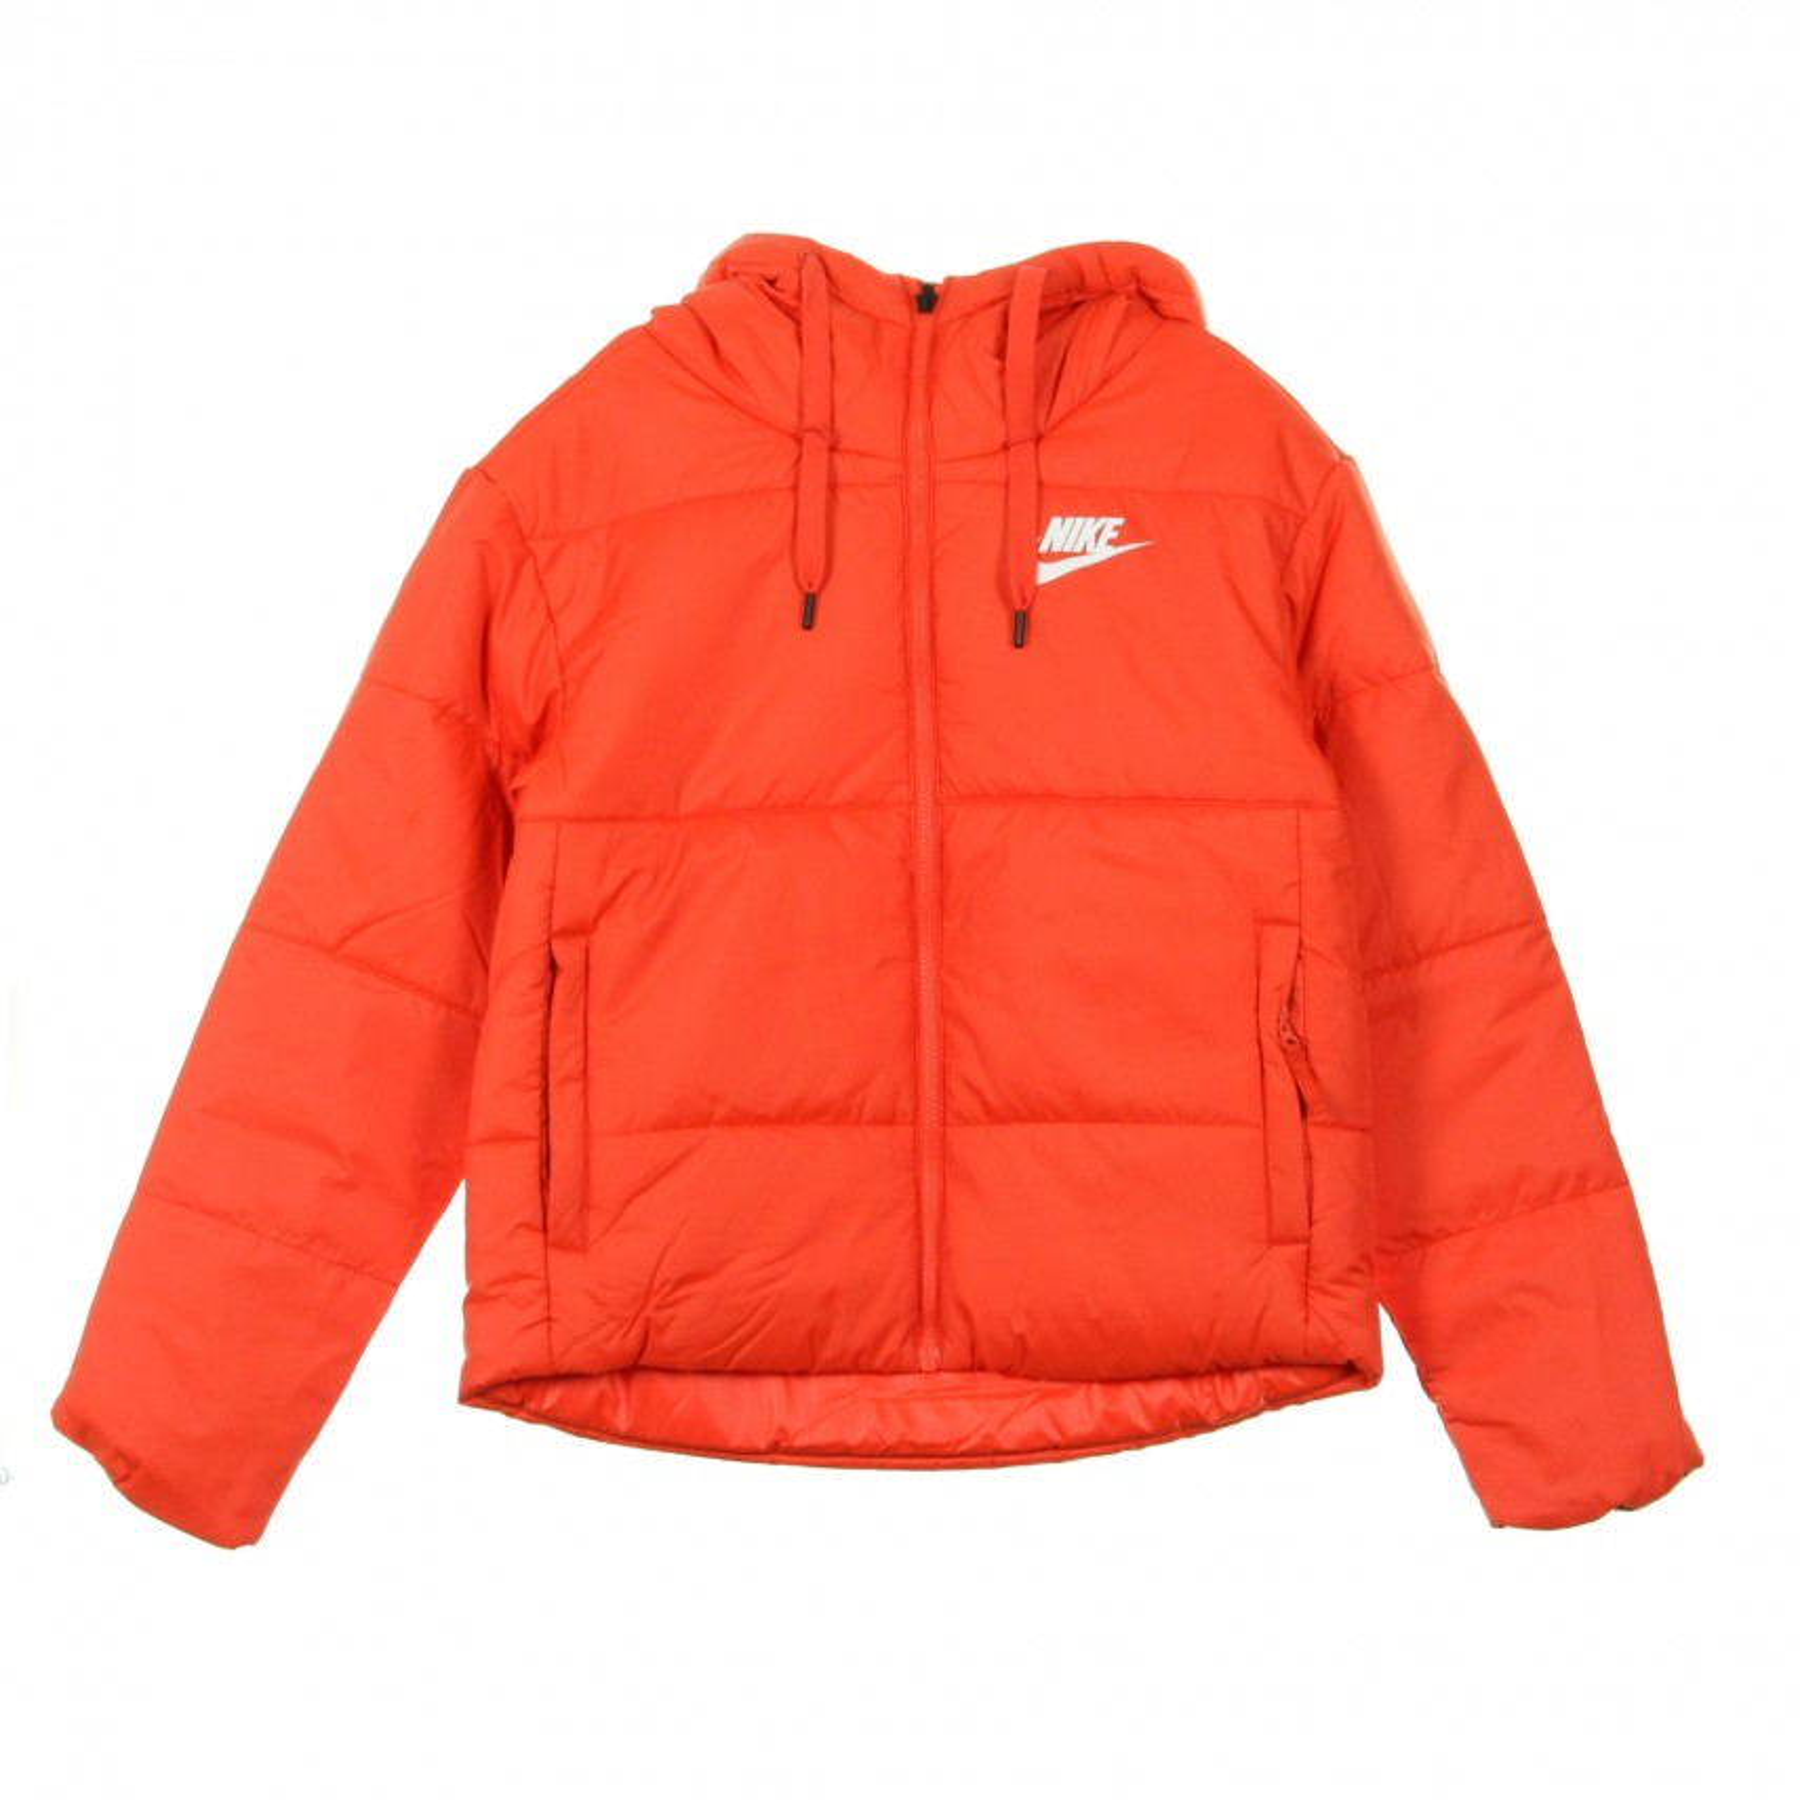 buy online e3ce8 5a267 PIUMINO SYN FILL JKT REV HABANERO RED/WHITE | Atipicishop.com